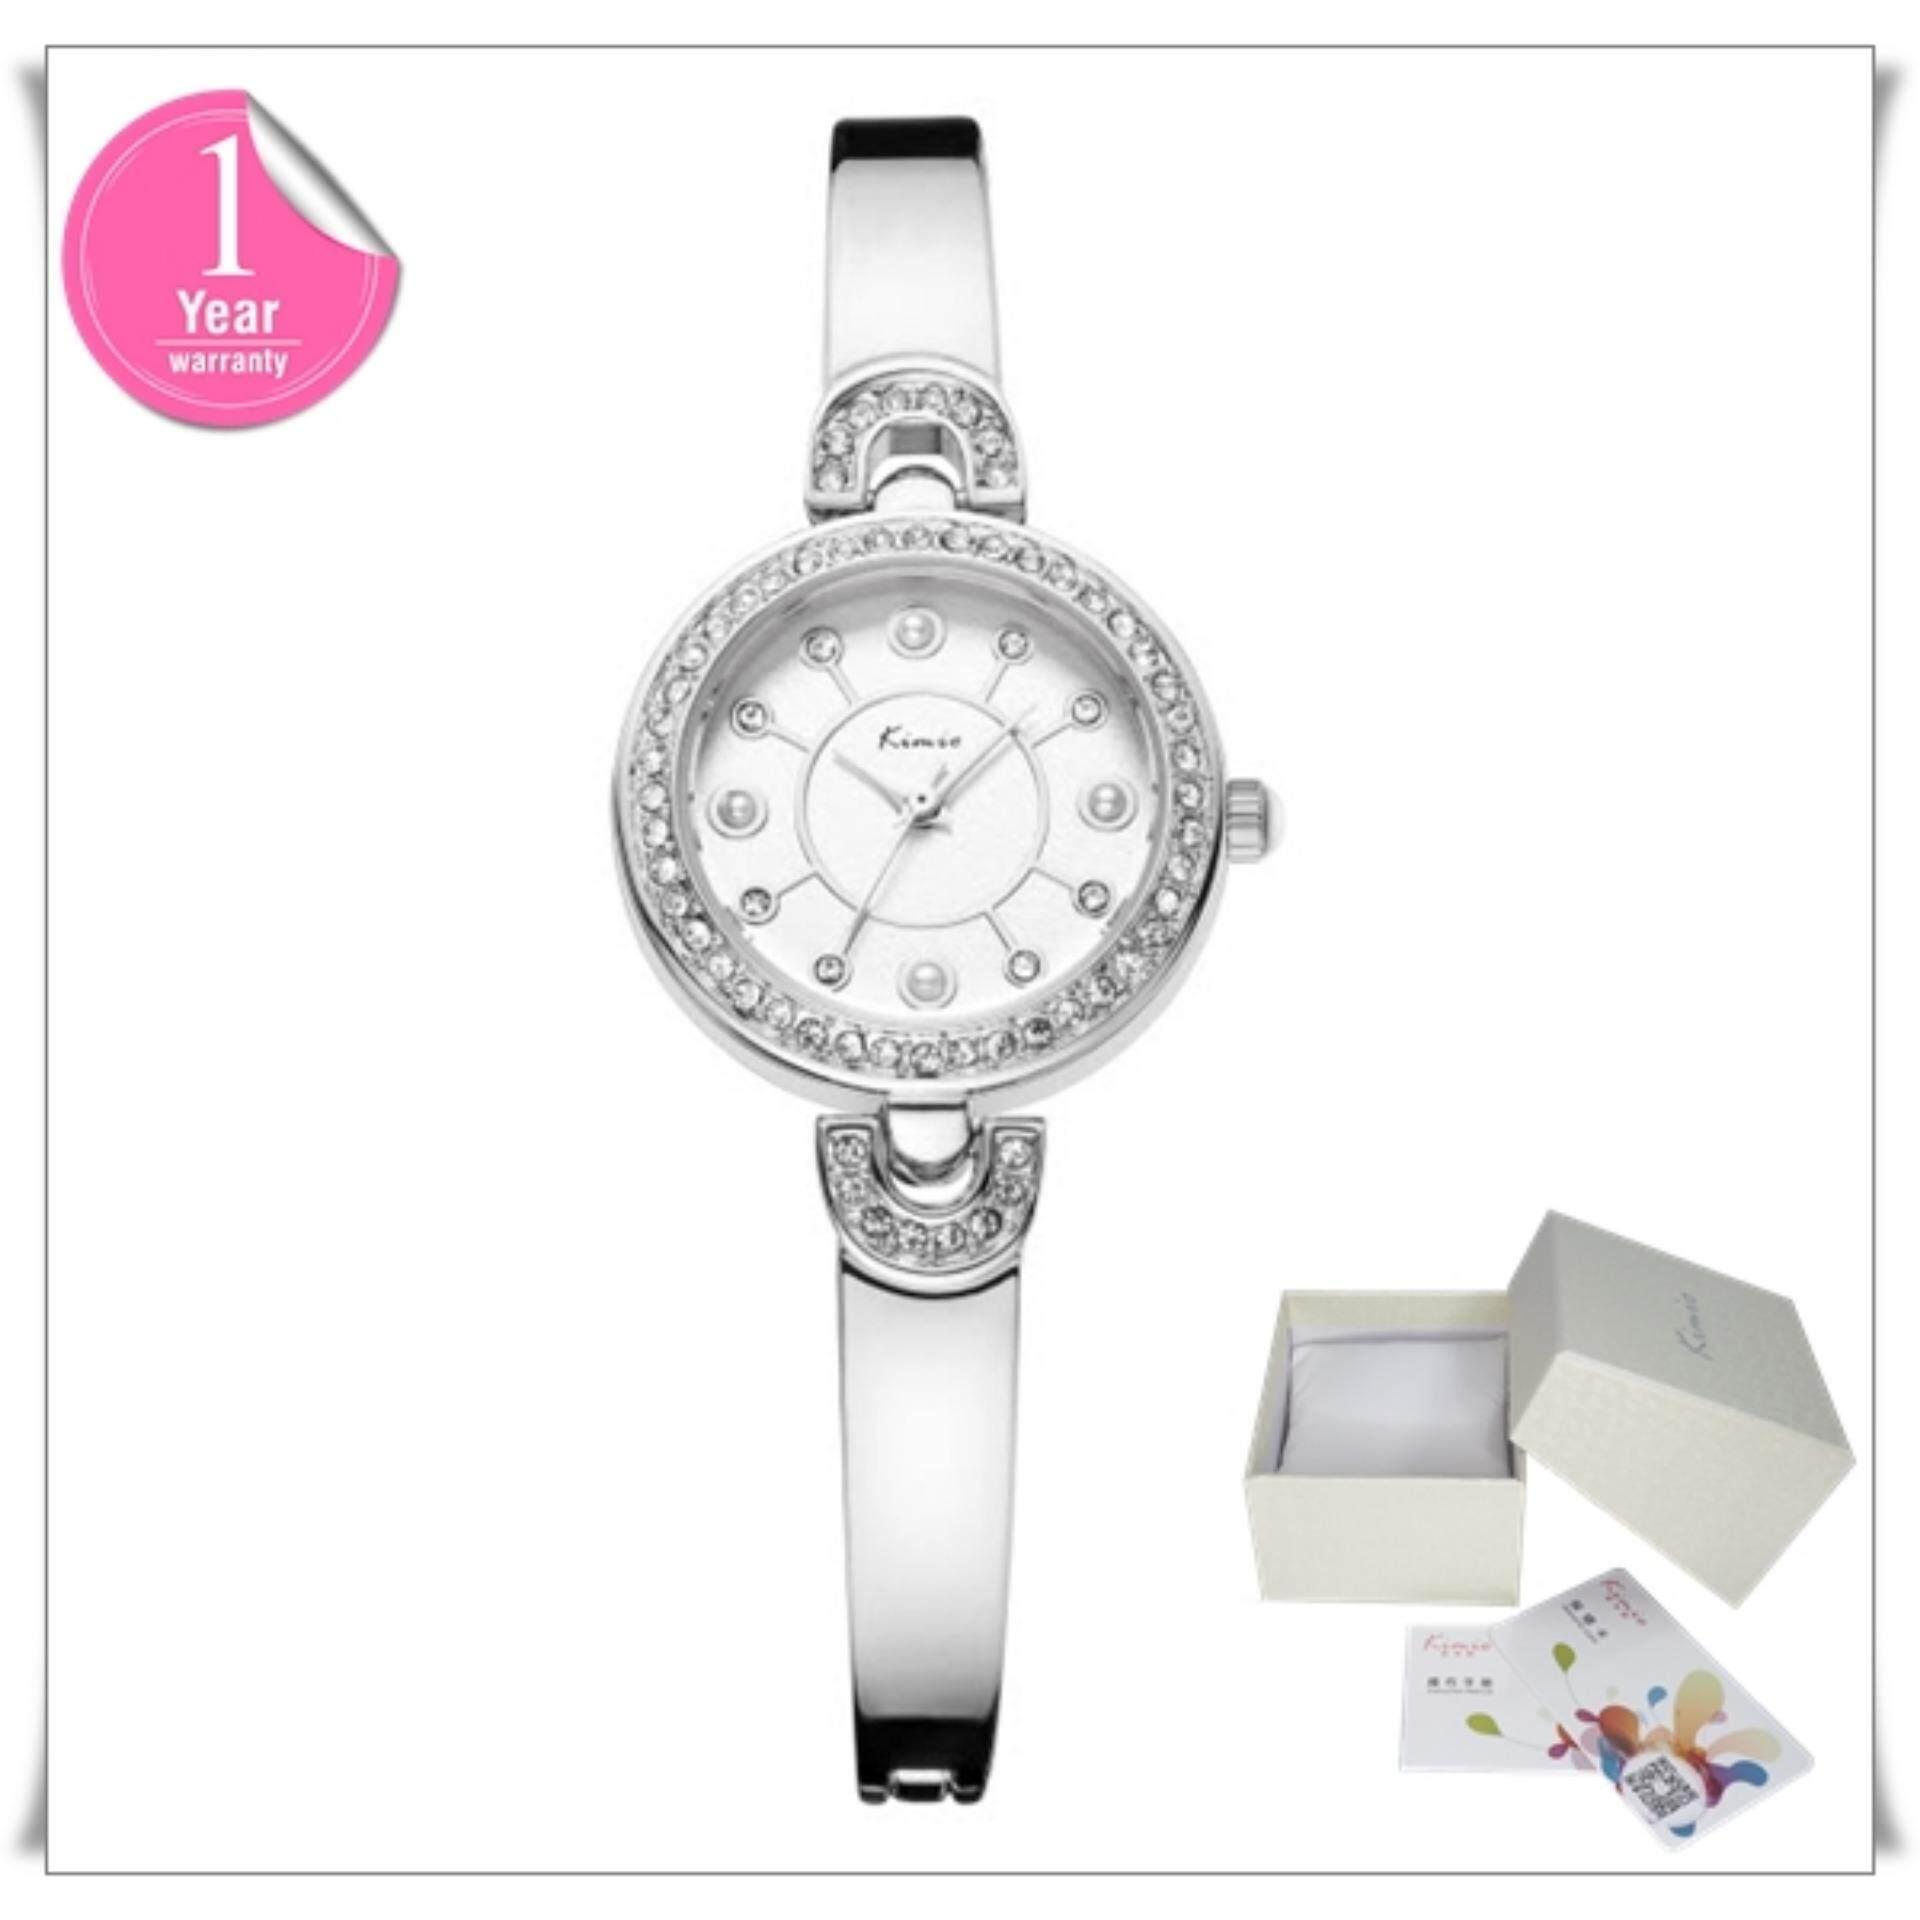 ขาย Kimio นาฬิกาข้อมือผู้หญิง สายสแตนเลส สีเงิน รุ่น Kw6130 ออนไลน์ สมุทรปราการ